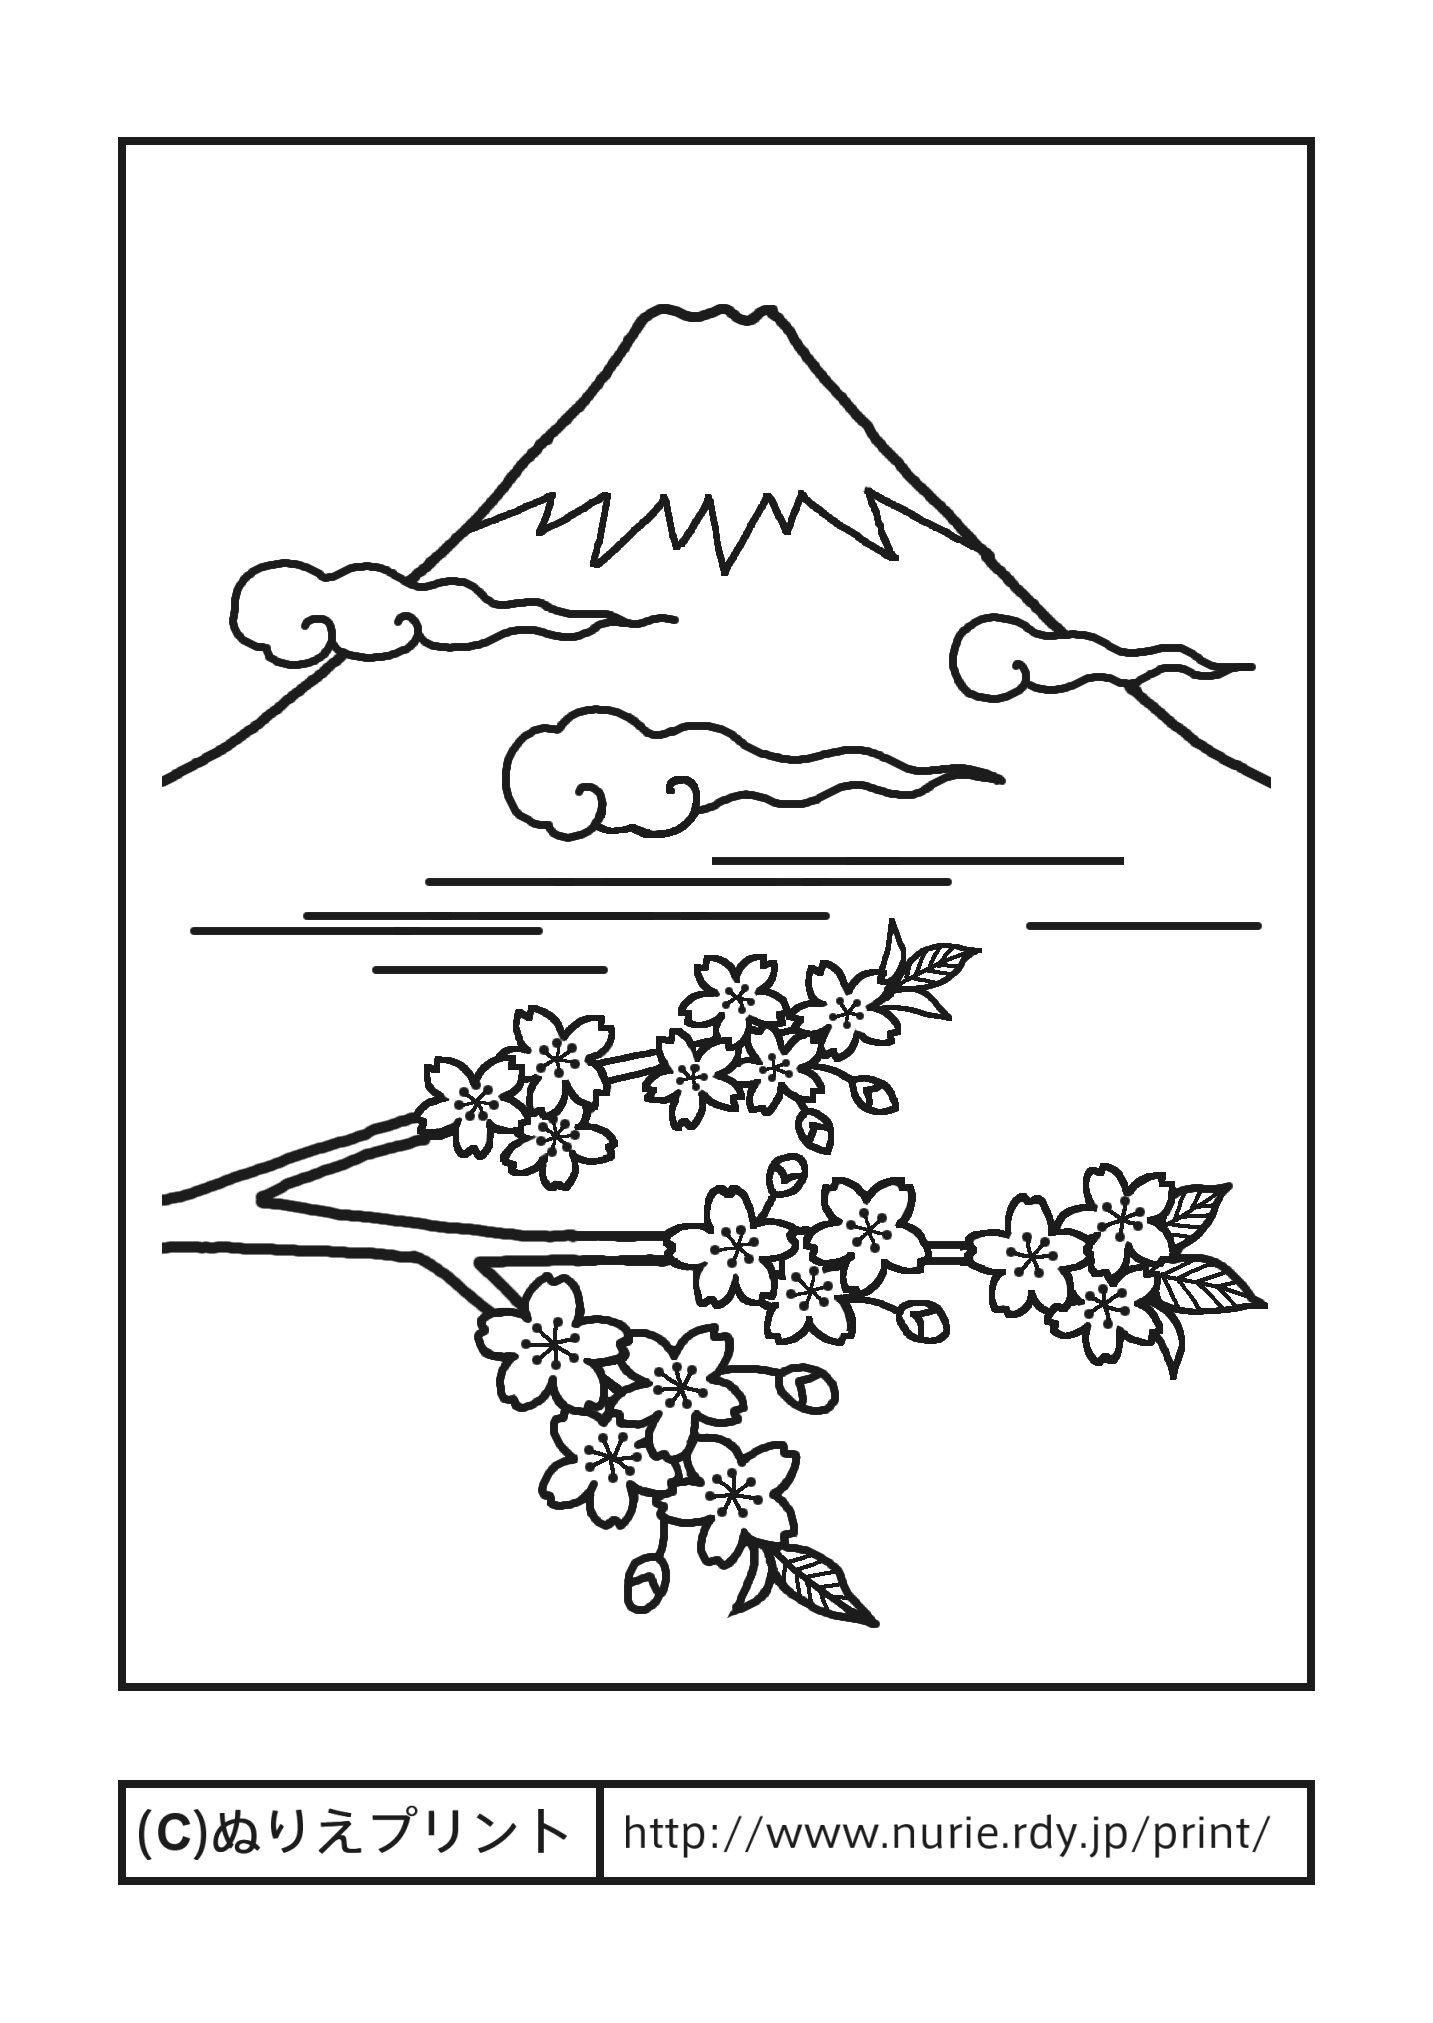 富士山と桜主線黒日本の名所風景の塗り絵ぬりえプリント